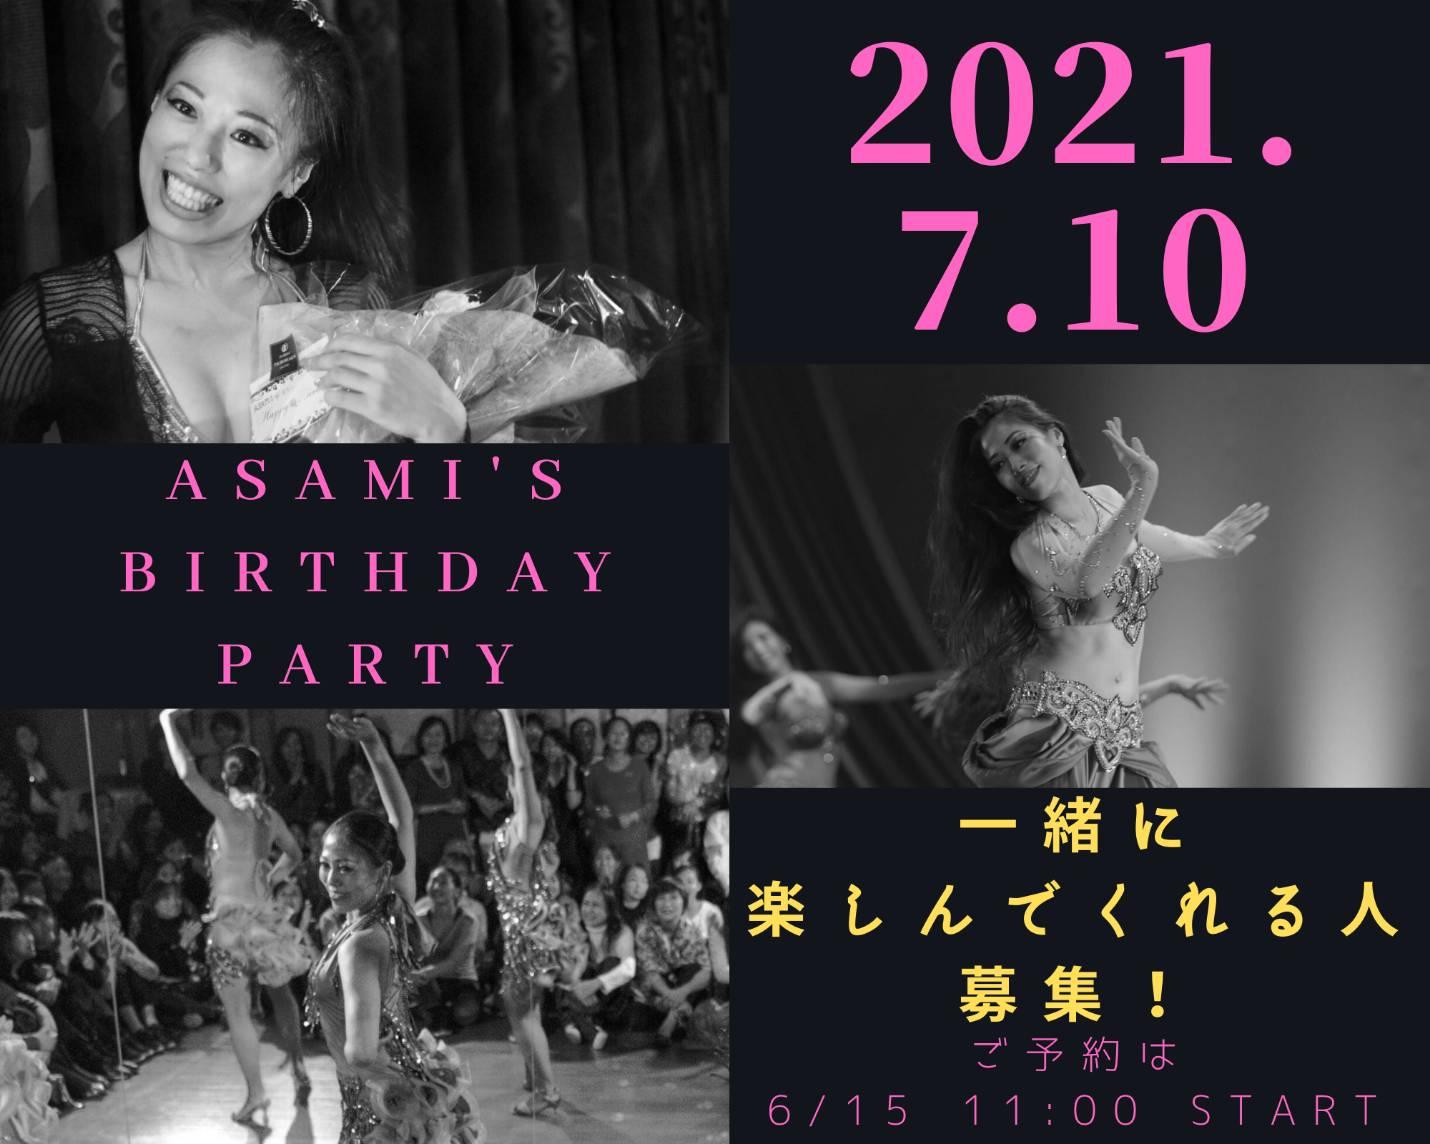 ASAMI'S BIRTHDAY PARTY開催♡